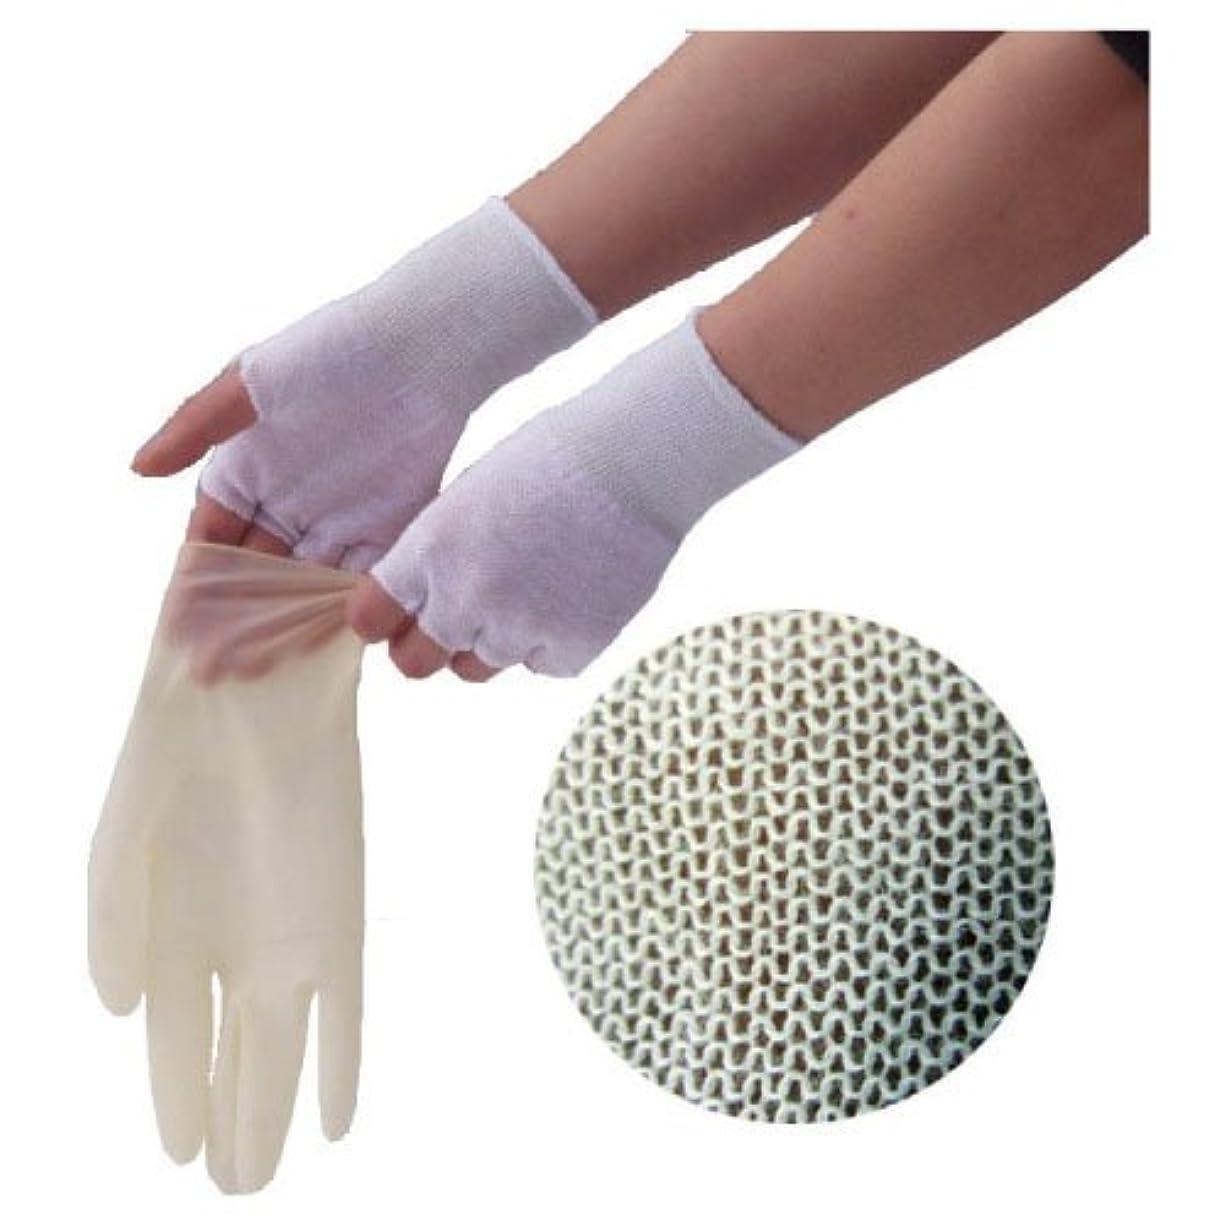 配分ぐったりエミュレーションやさしインナー手袋(指なし) GI02 フリー 材質:ナイロン